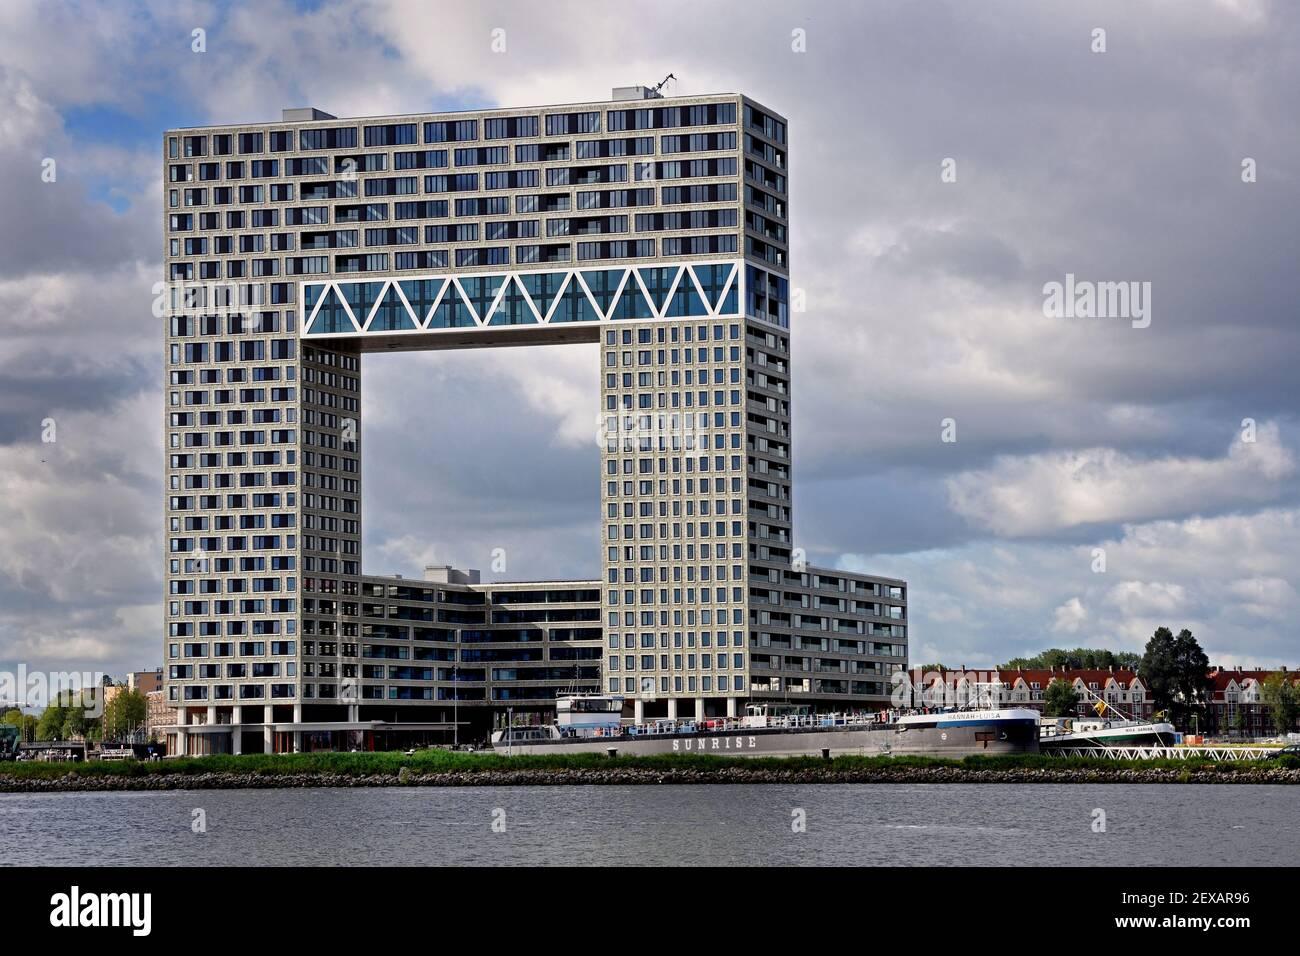 Amsterdam pays-Bas Appartements à l'architecture moderne sur Westerdoksdijk et entre Oude Houthaven et IJ port Harbour Canal Amsterdam, pays-Bas, (de Pontsteiger, également connu sous le nom de Pontsteiger bâtiment ou bâtiment million, est une tour résidentielle dans la ville néerlandaise d'Amsterdam. Conçu par Arons en Gelauff Architecten,) Banque D'Images